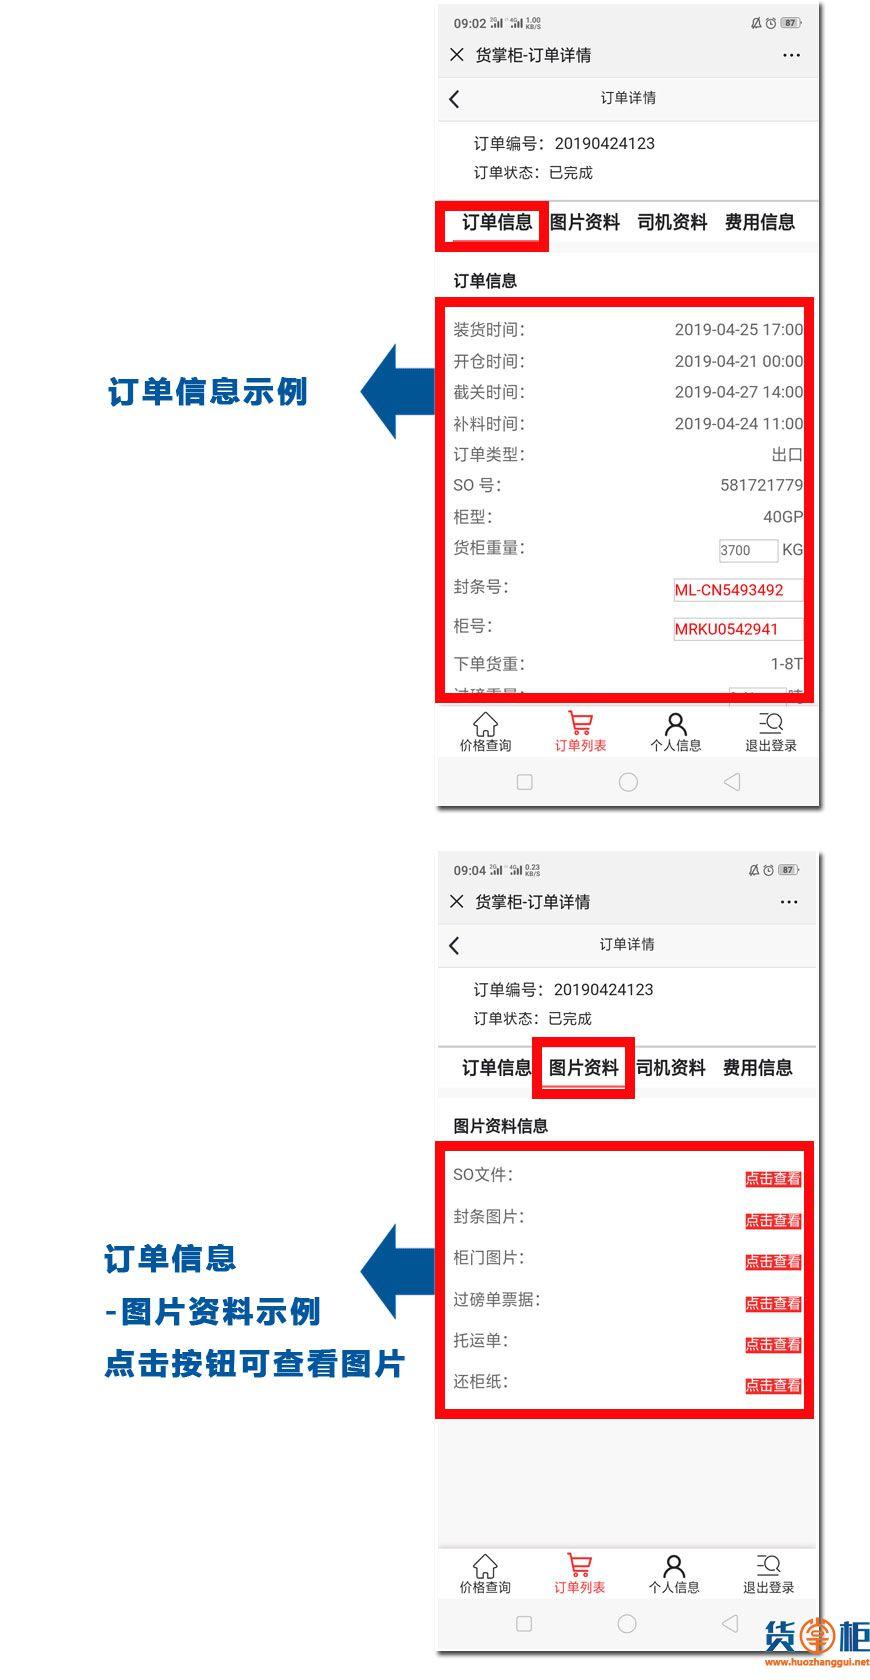 货掌柜系统升级啦!新增公众号价格查询\订单跟进系统上线-货掌柜www.huozhanggui.net